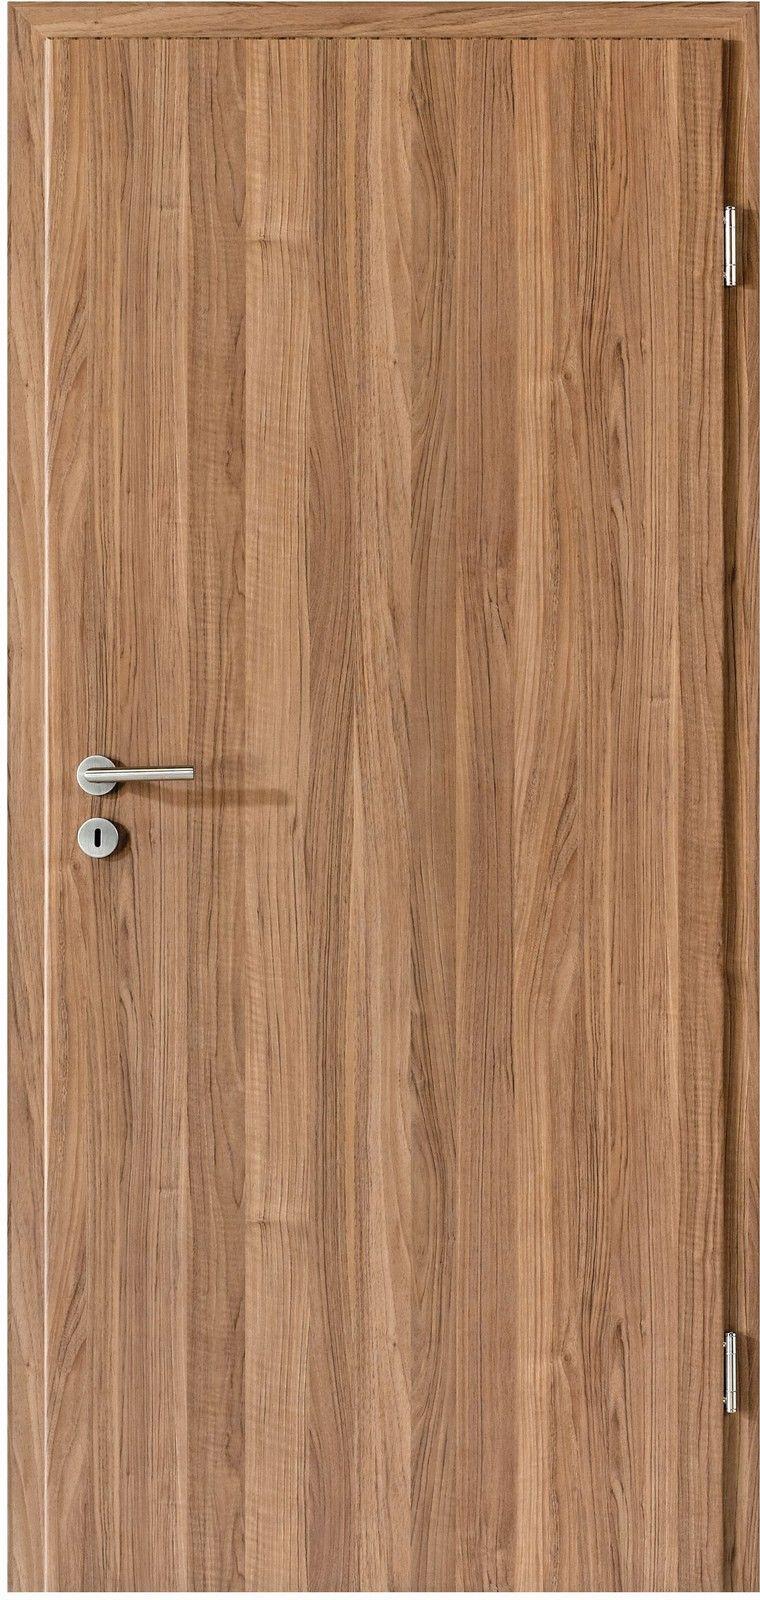 Zargen aus Holz: Mehr als 1000 Angebote, Fotos, Preise ✓ - Seite 17